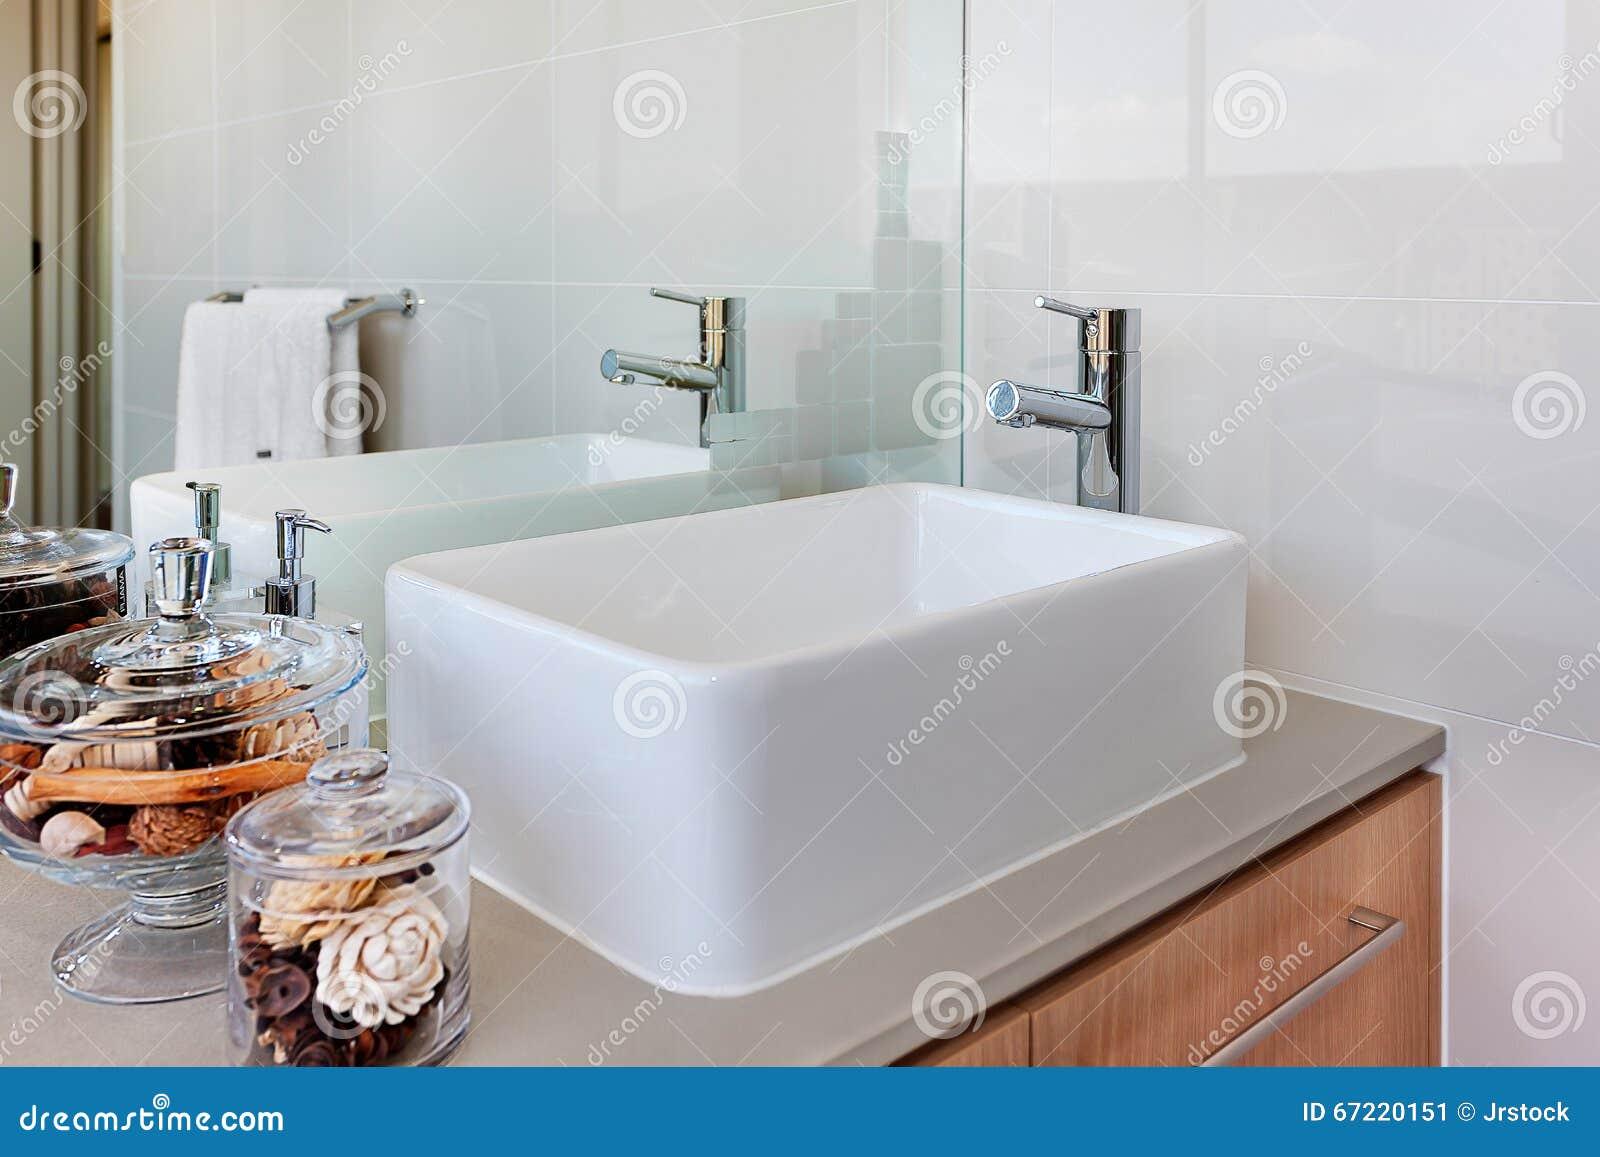 Toilettafel Met Spiegel.Toilettafel Met Tapkraan En Spiegel Stock Afbeelding Afbeelding